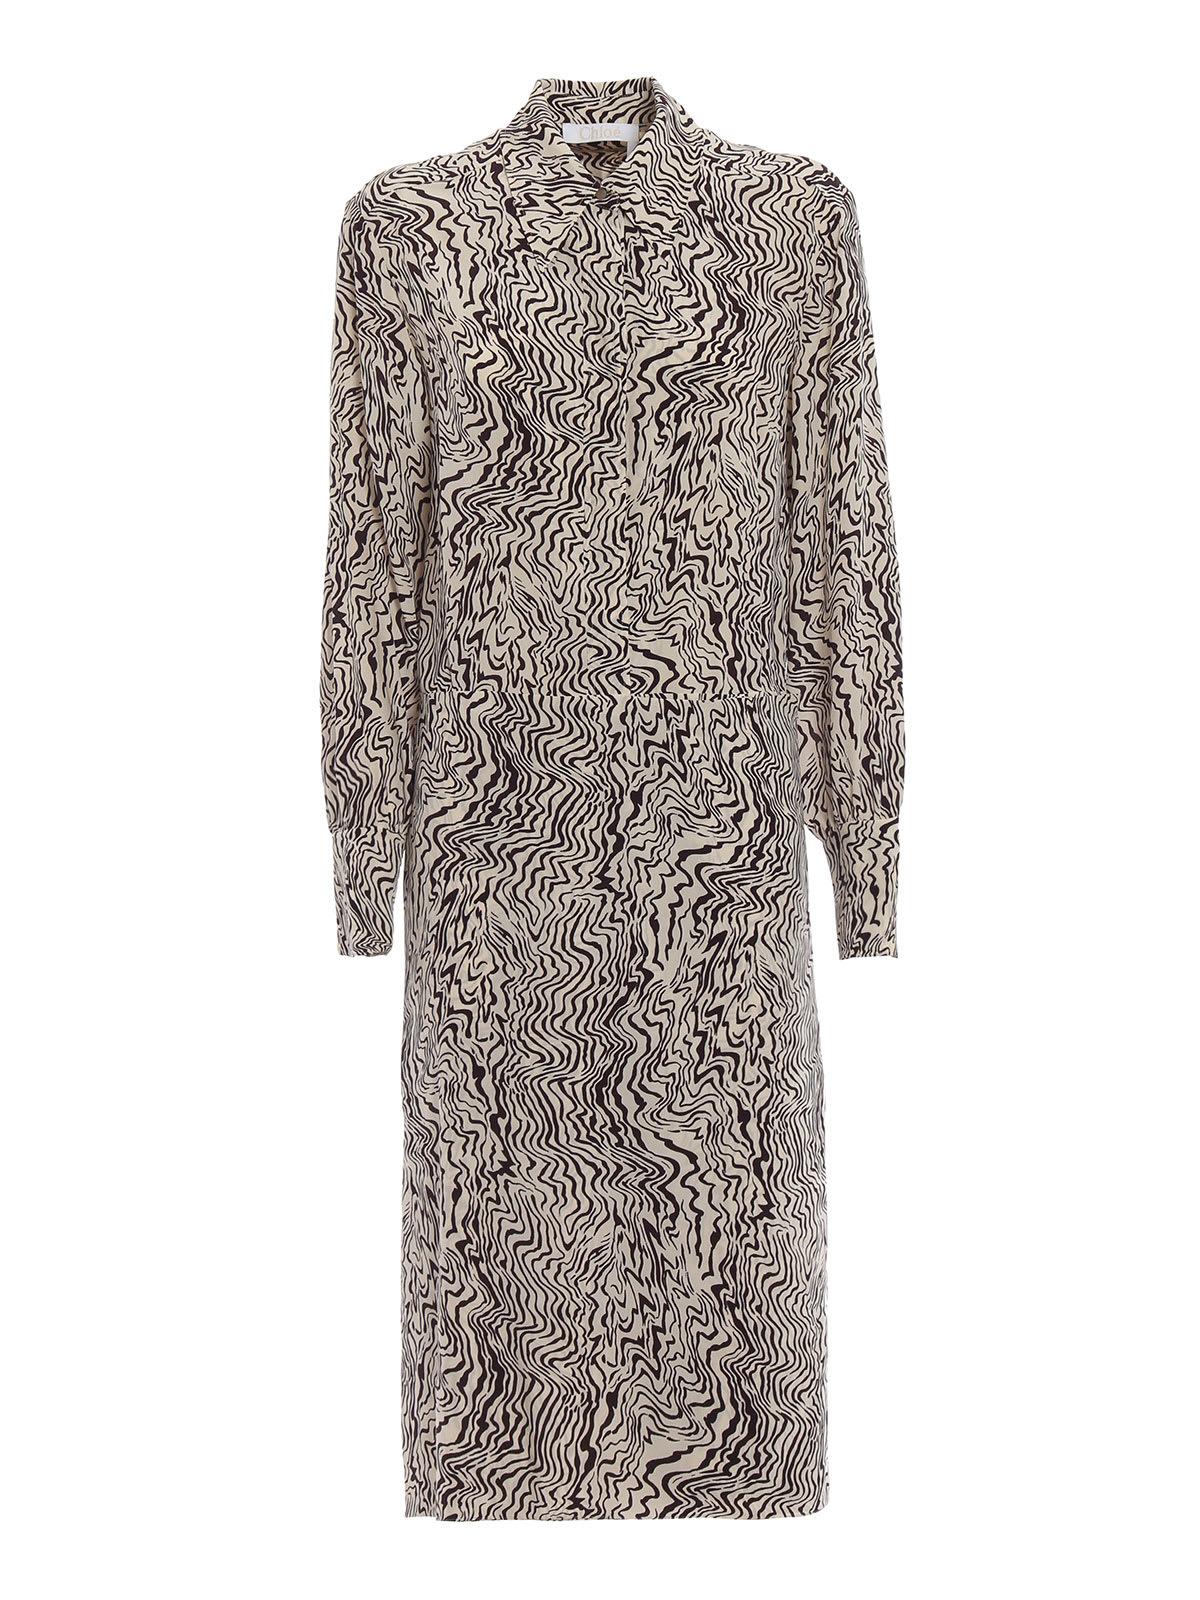 Chloé Abstract Print Dress